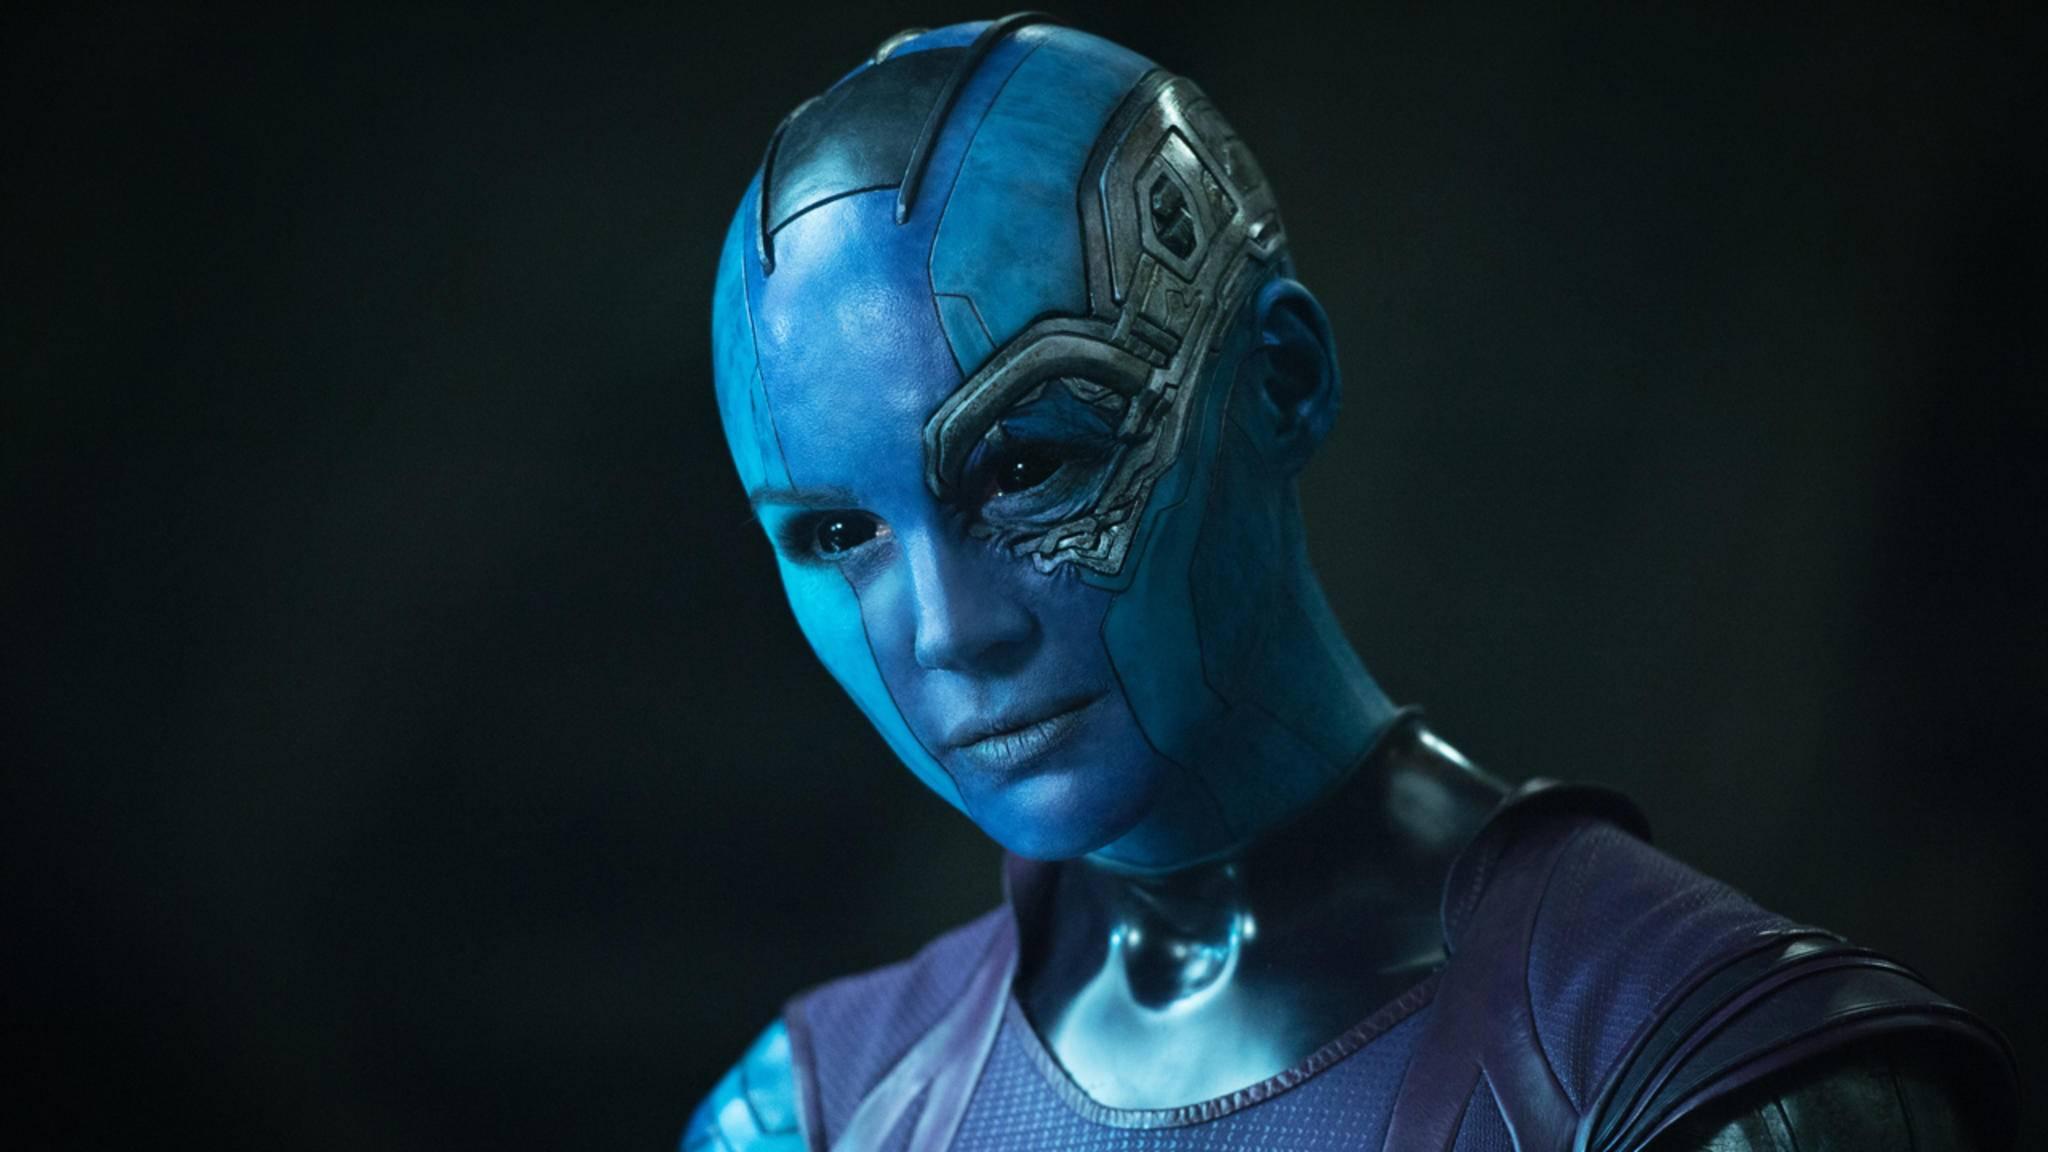 Mit dieser Dame möchte man keinen Ärger – ob Nebula-Darstellerin Karen Gillan deshalb mit ihrem Heldinnen-Film-Wunsch erhört wird?